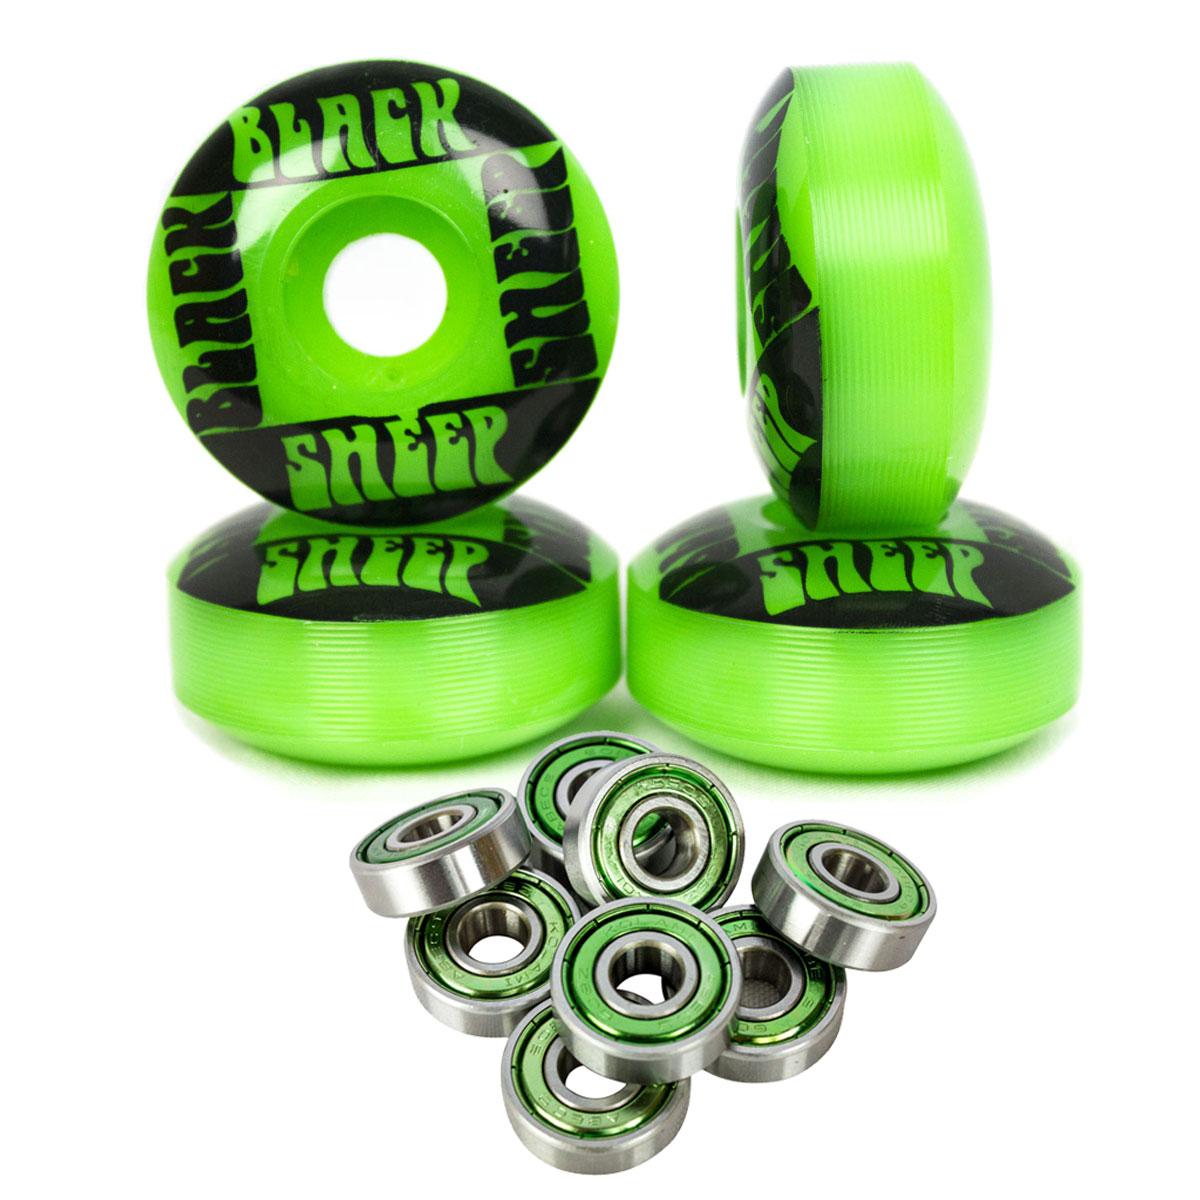 Rodinha Skate Black Sheep 97a 53mm e Rolamento Abec 9